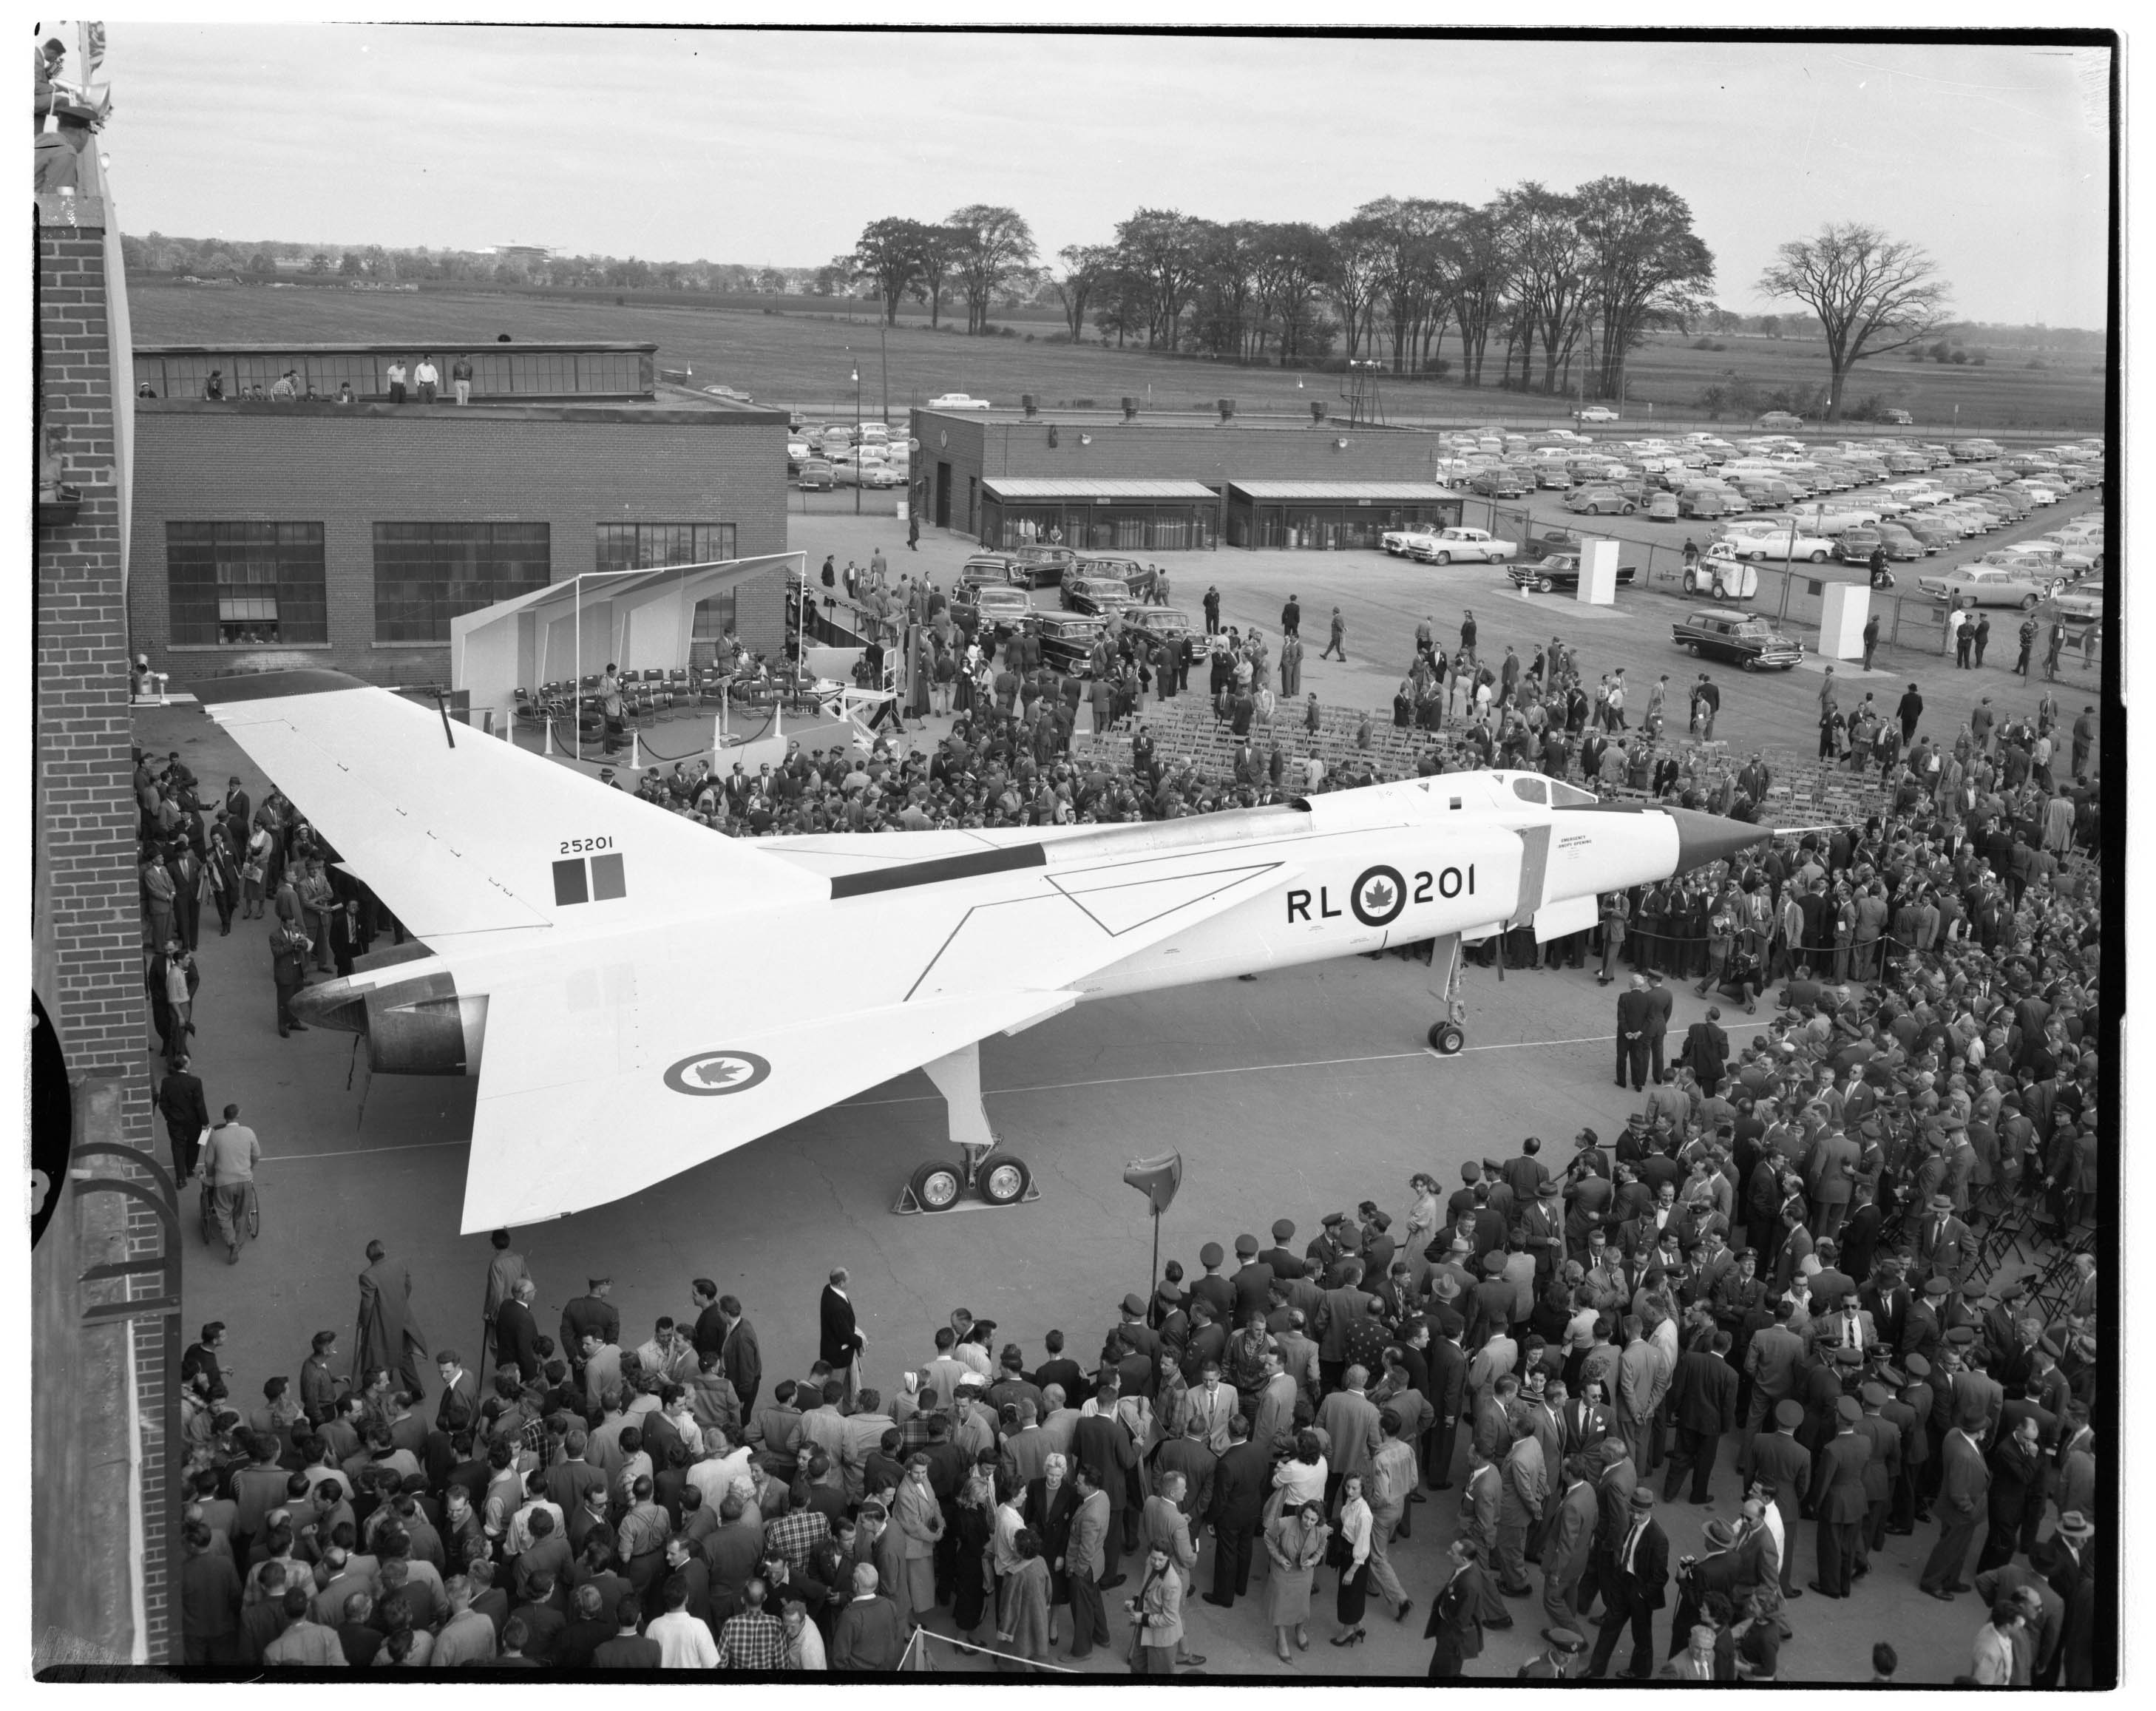 Photo noir et blanc d'une foule de personnes autour d'un aéronef blanc.